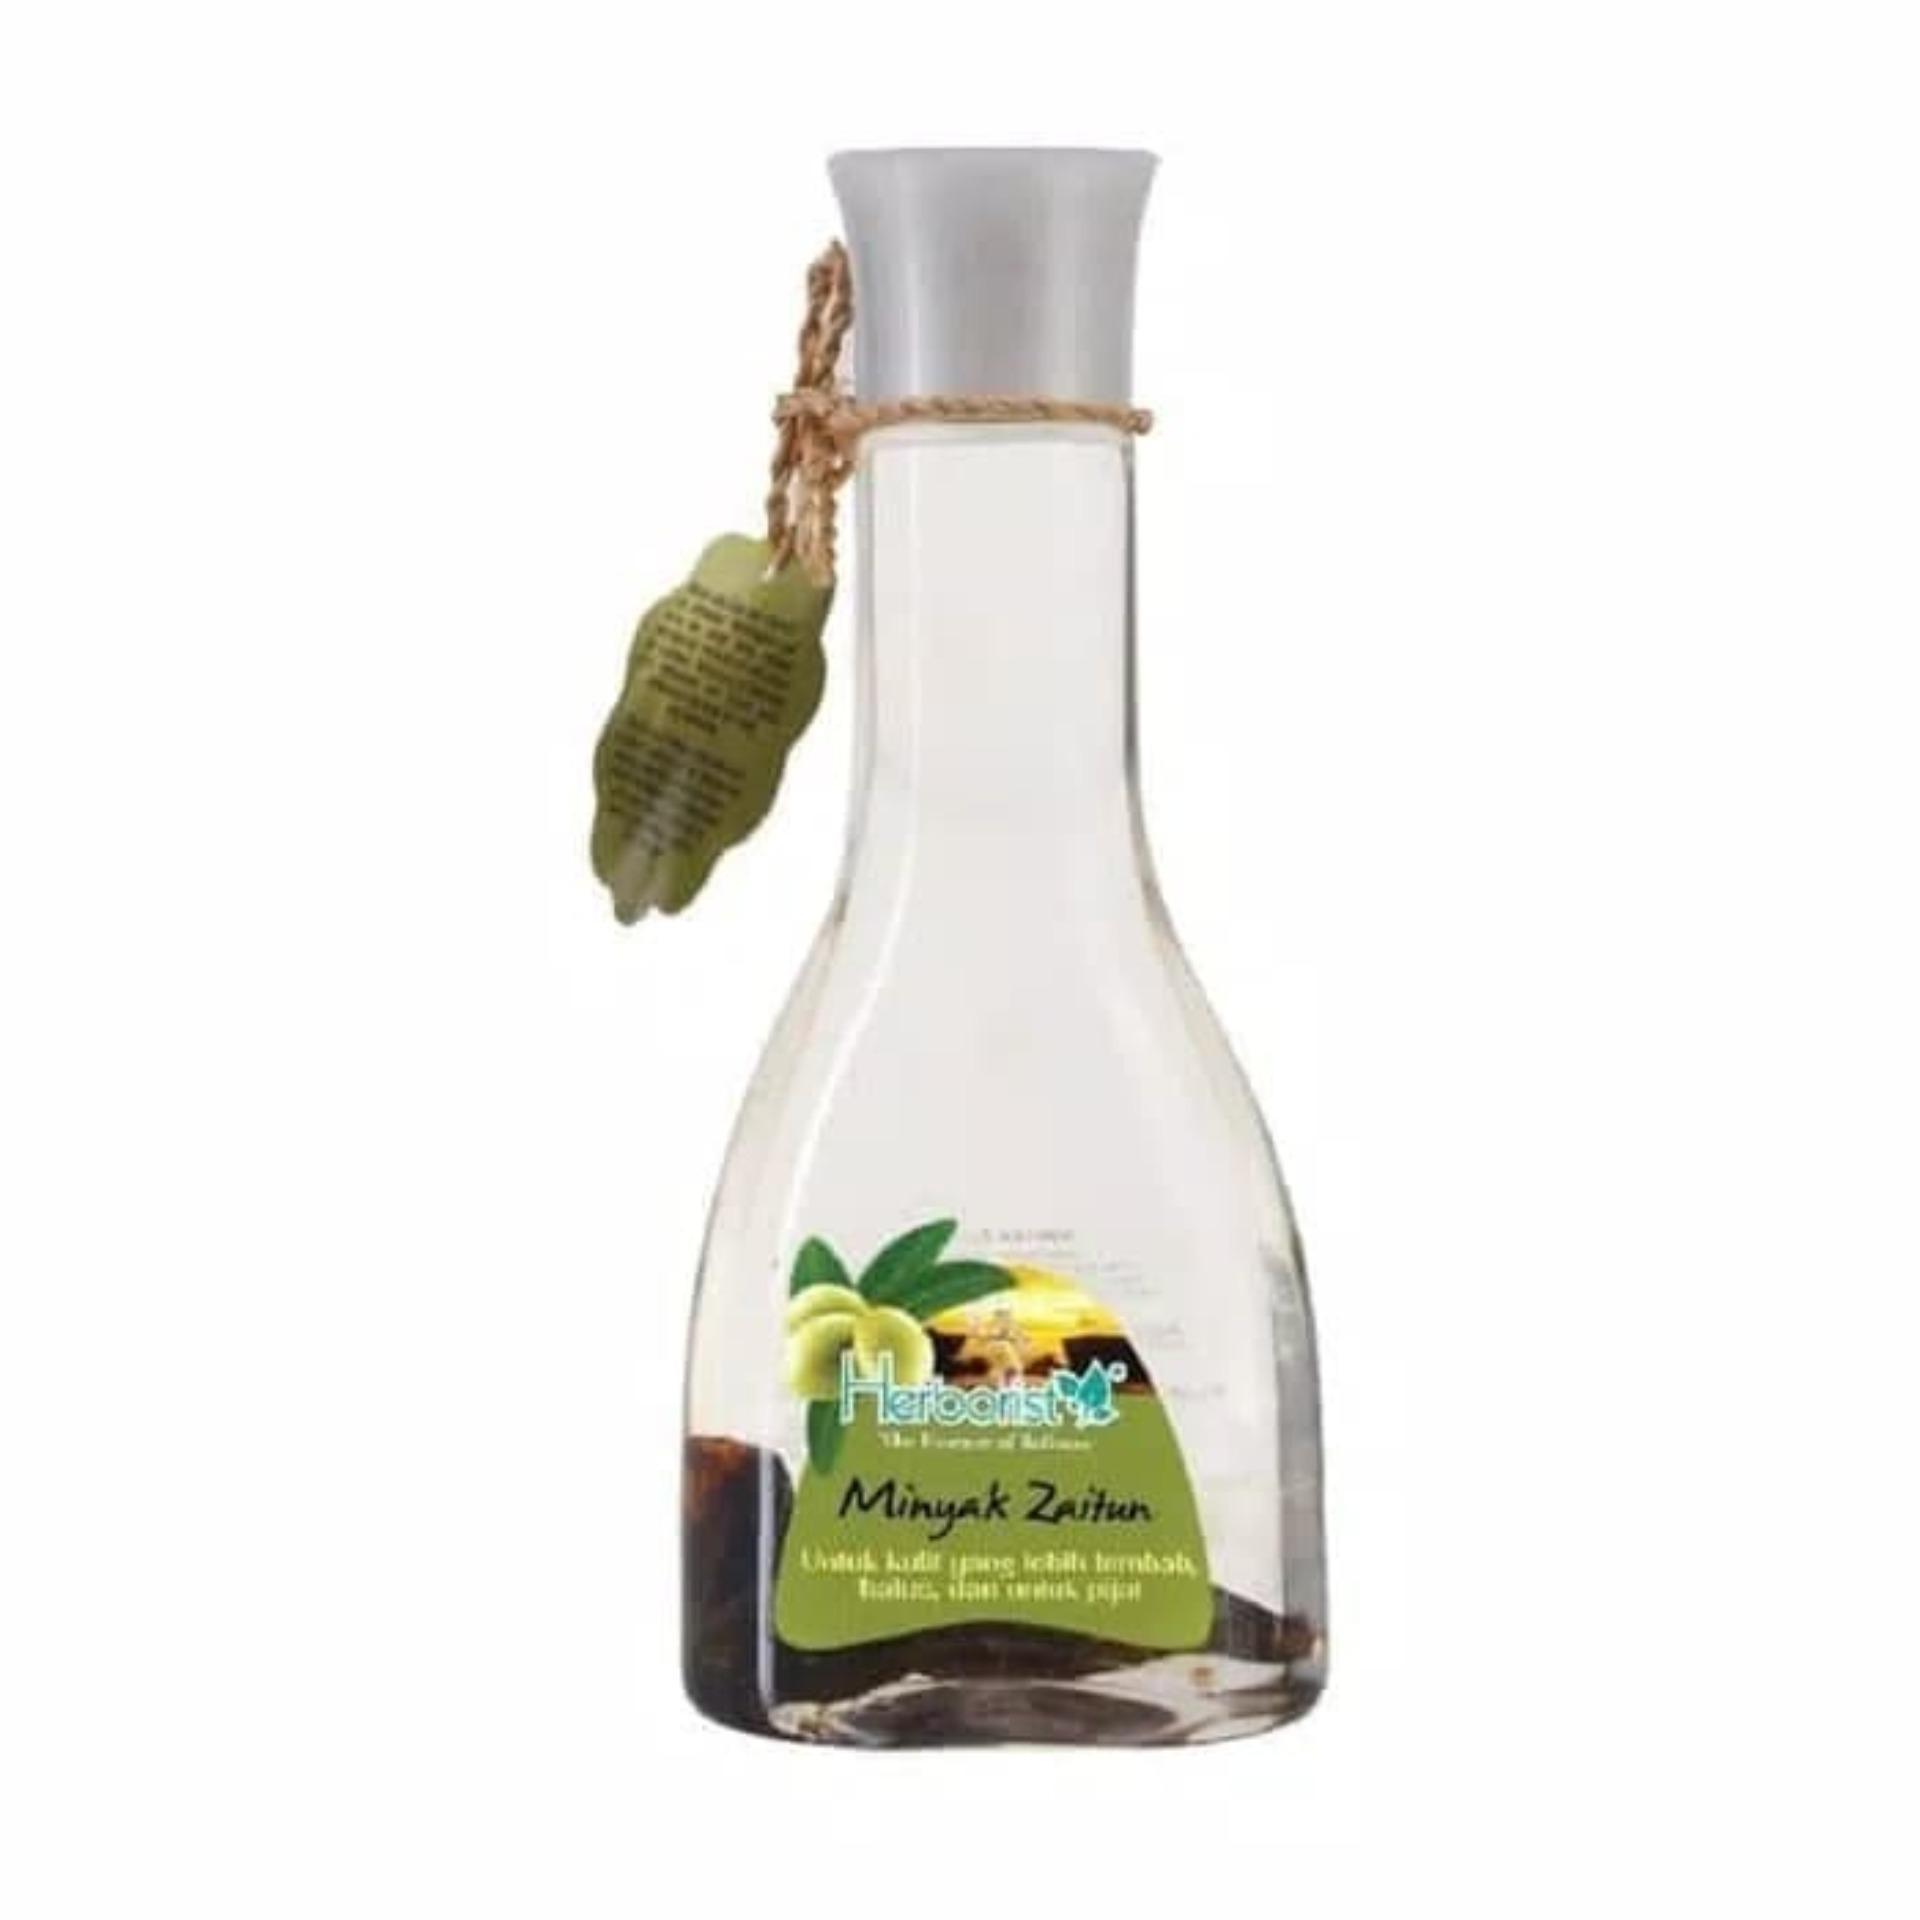 Minyak Zaitun Herborist Untuk Kulit Yang Lebih Lembab Halus Dan Untuk Pijat 150 Ml Lazada Indonesia